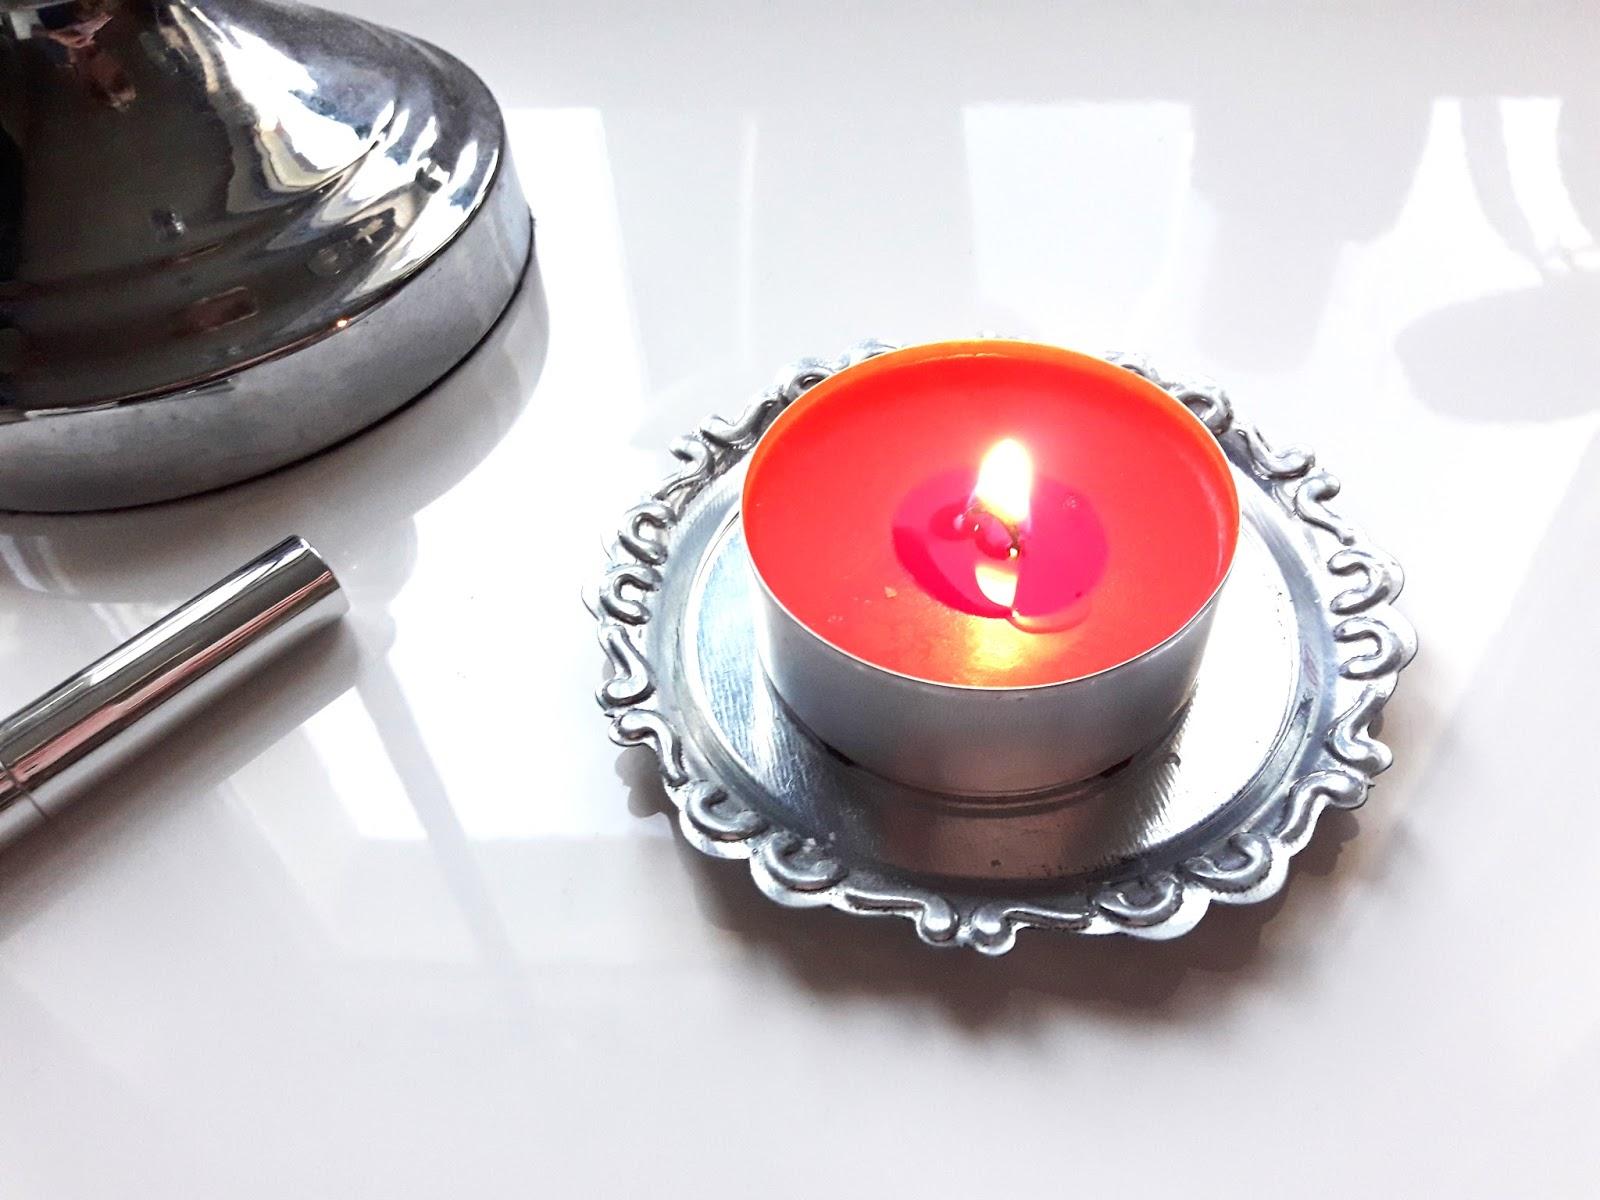 Podstawka na świece i świeczka